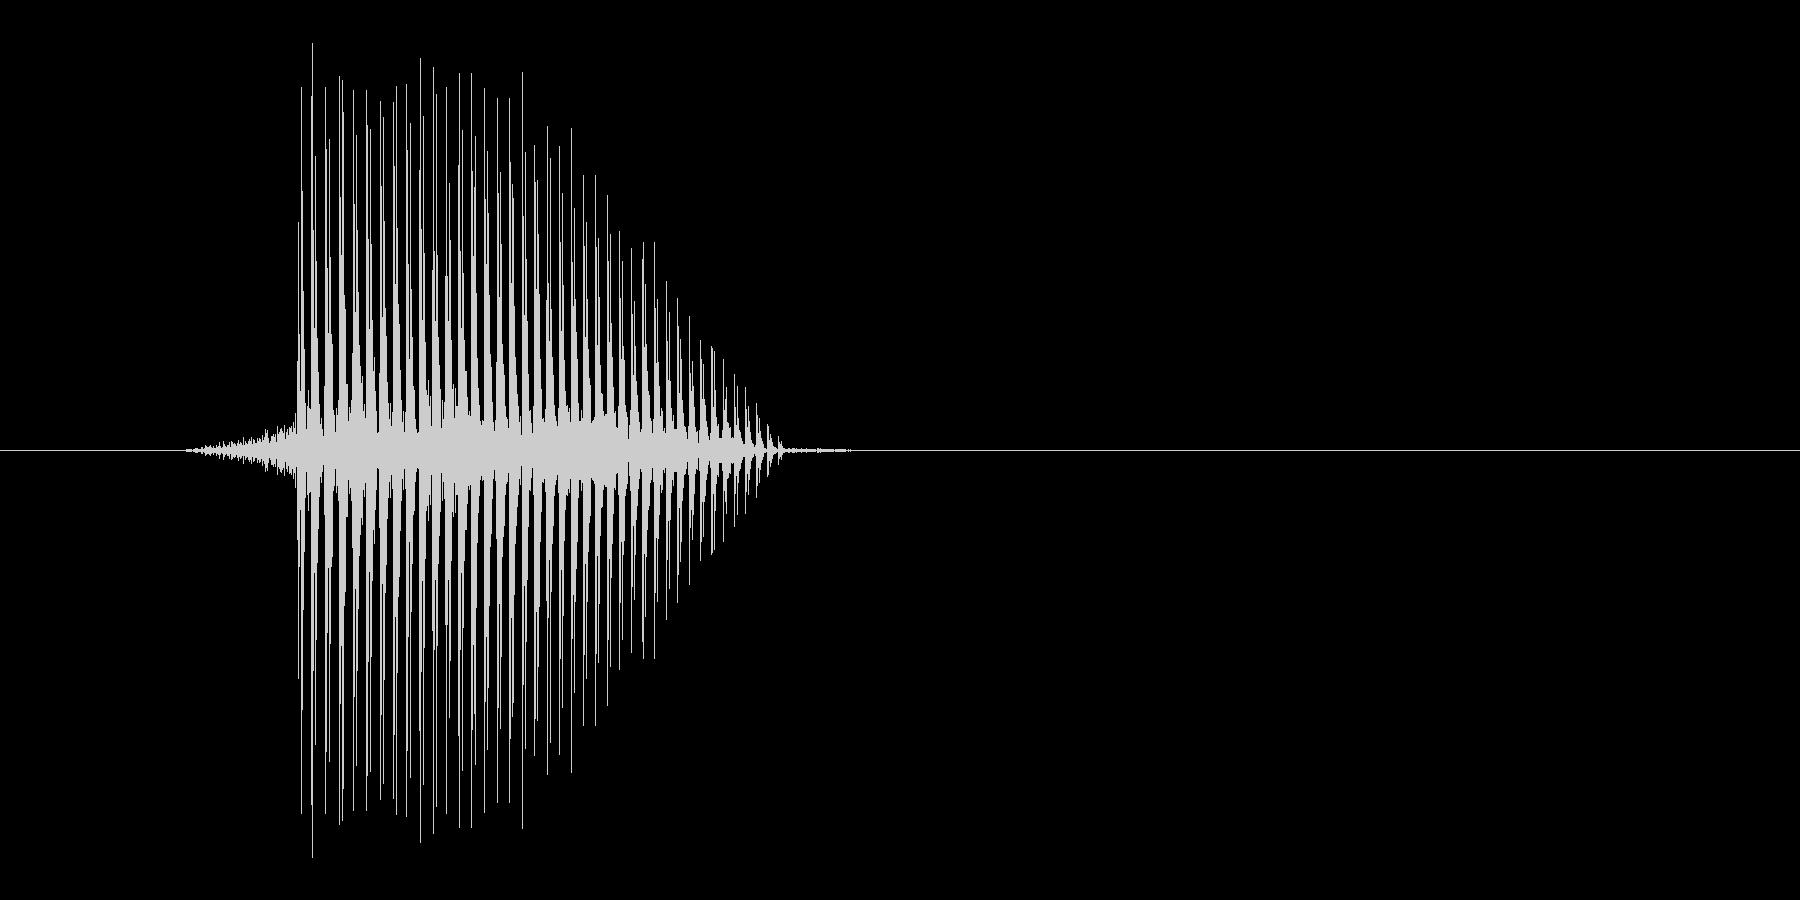 ゲーム(ファミコン風)ジャンプ音_022の未再生の波形